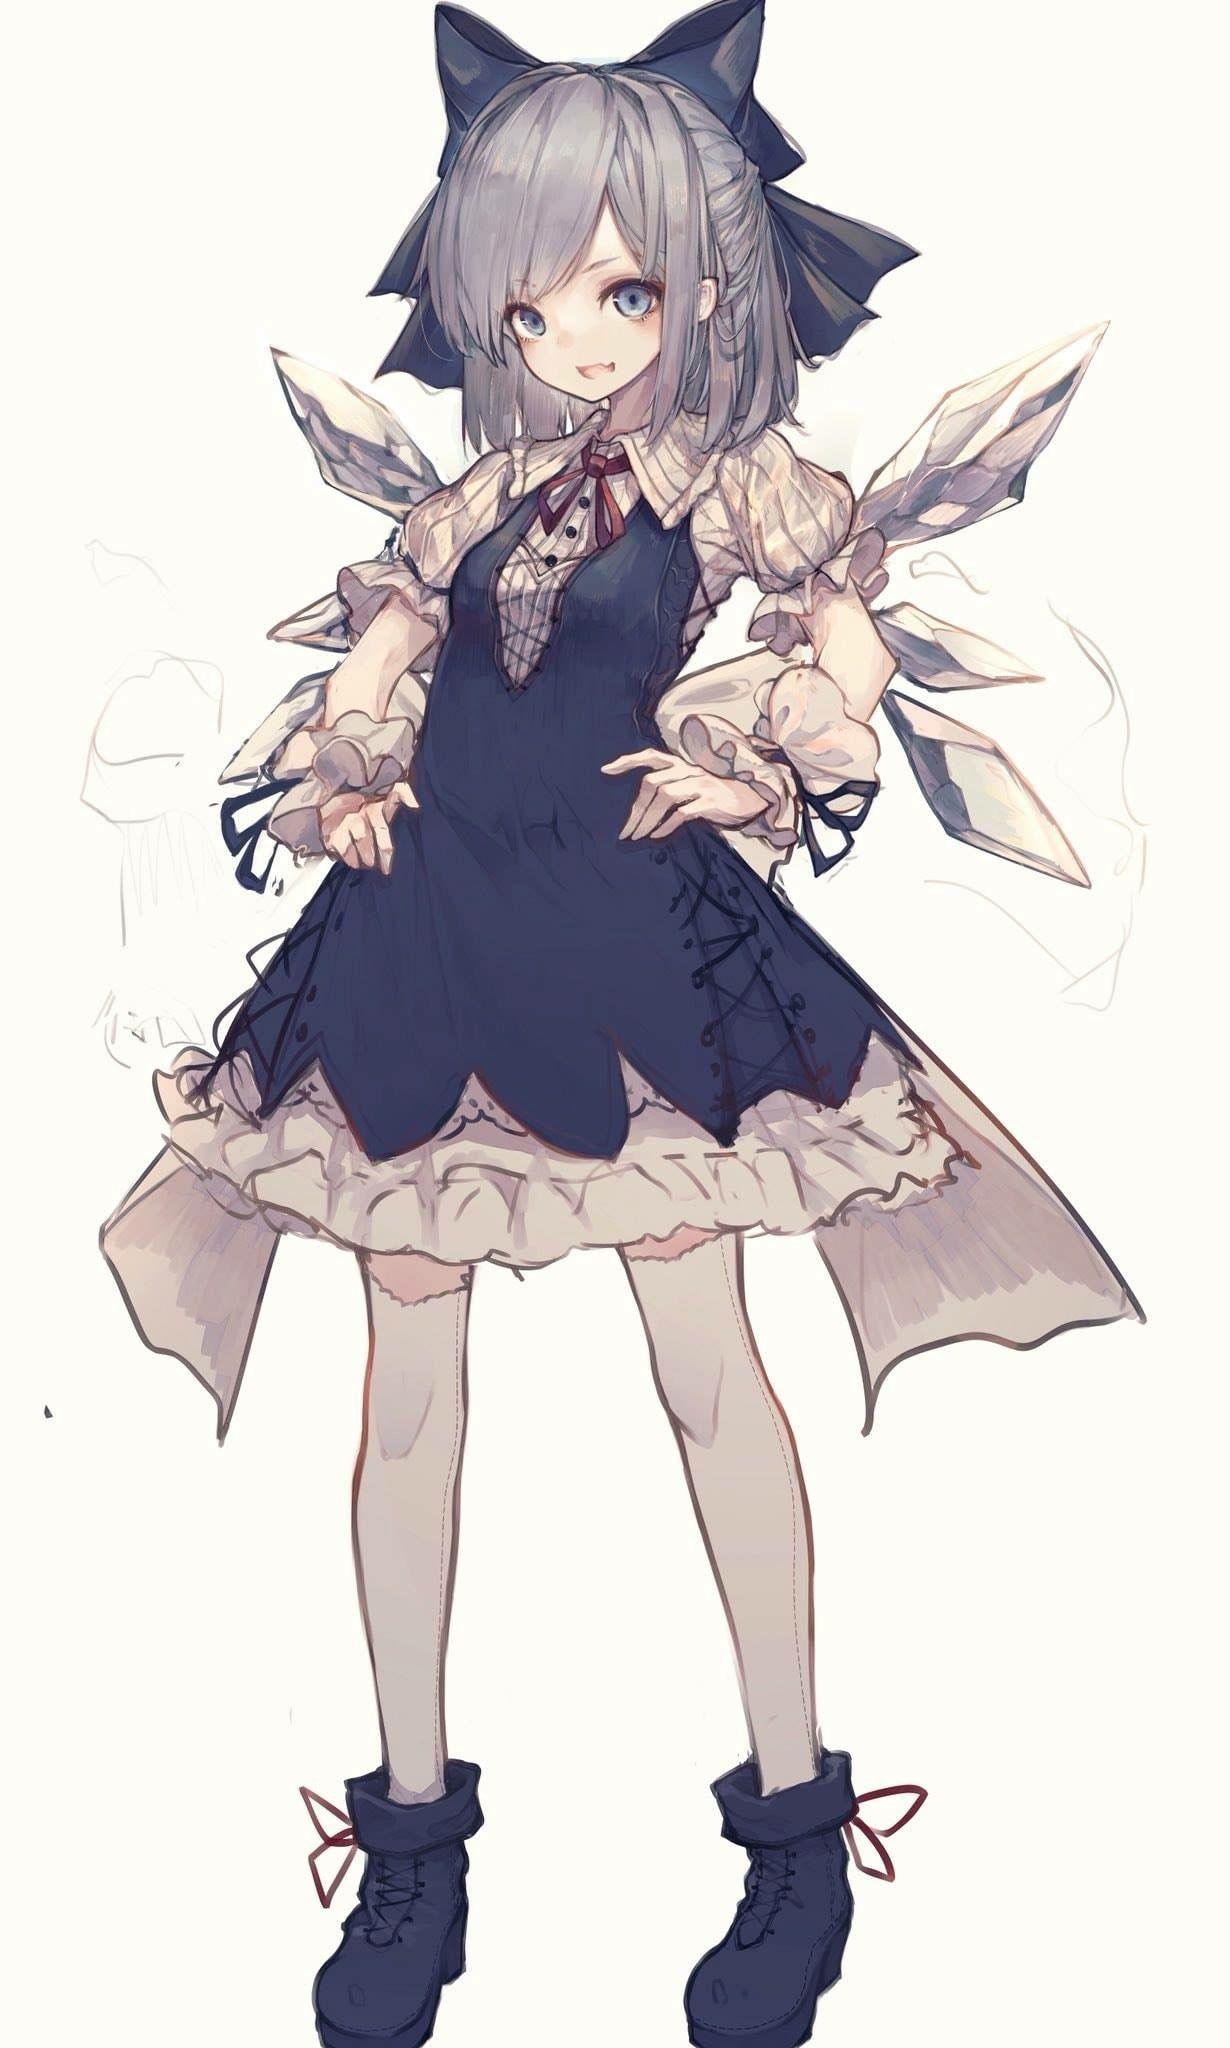 lolis おしゃれまとめの人気アイデア pinterest george pearson かわいいアニメガール 女の子イラスト 東方 かわいい